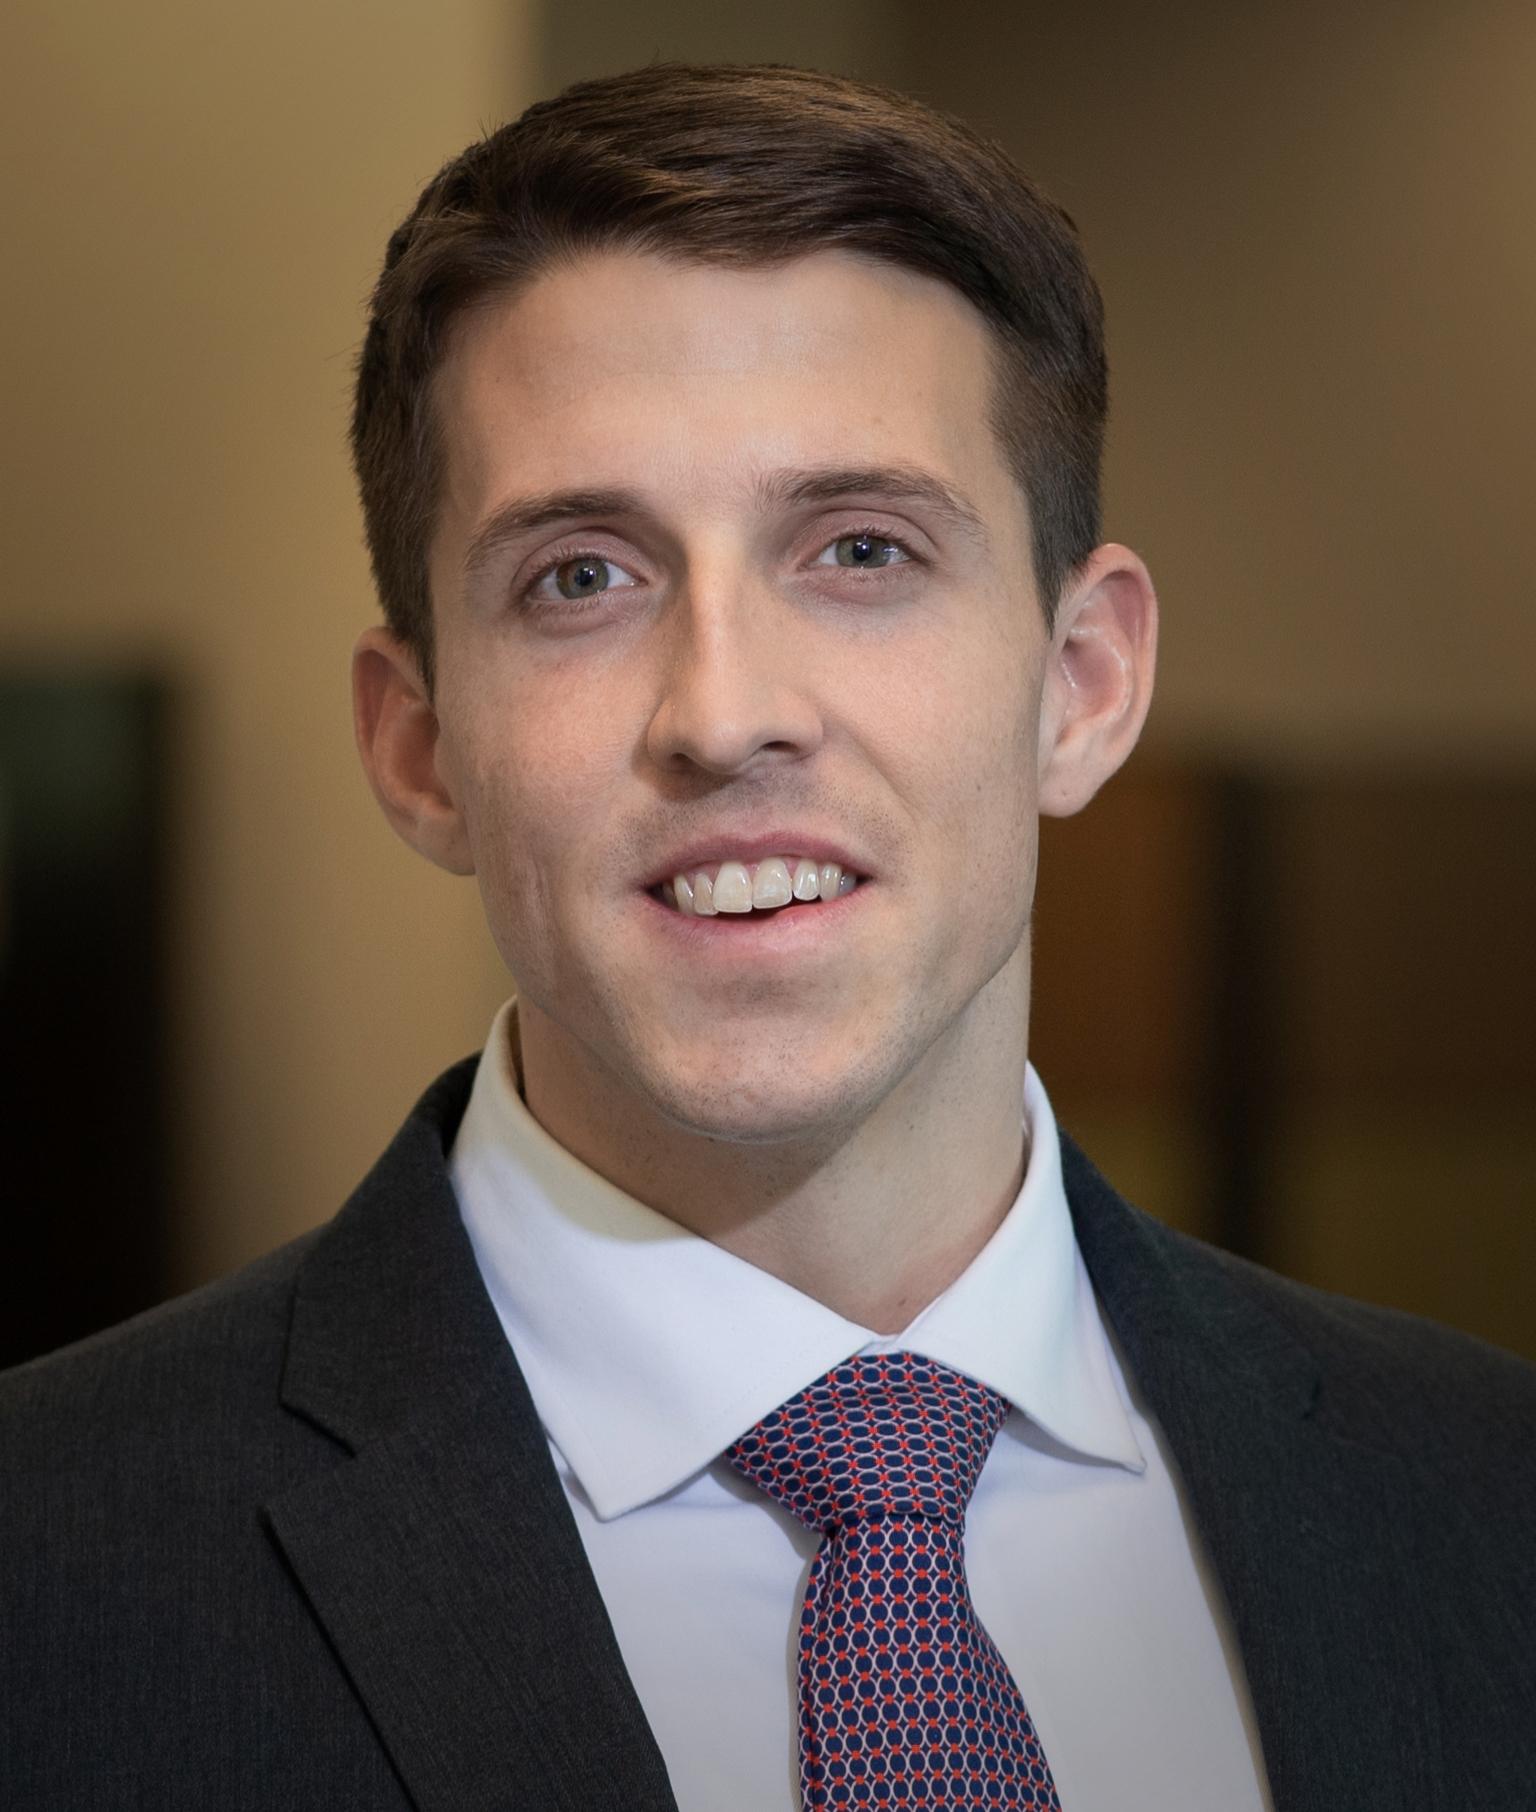 J. Keegan Einspanier, CFP®